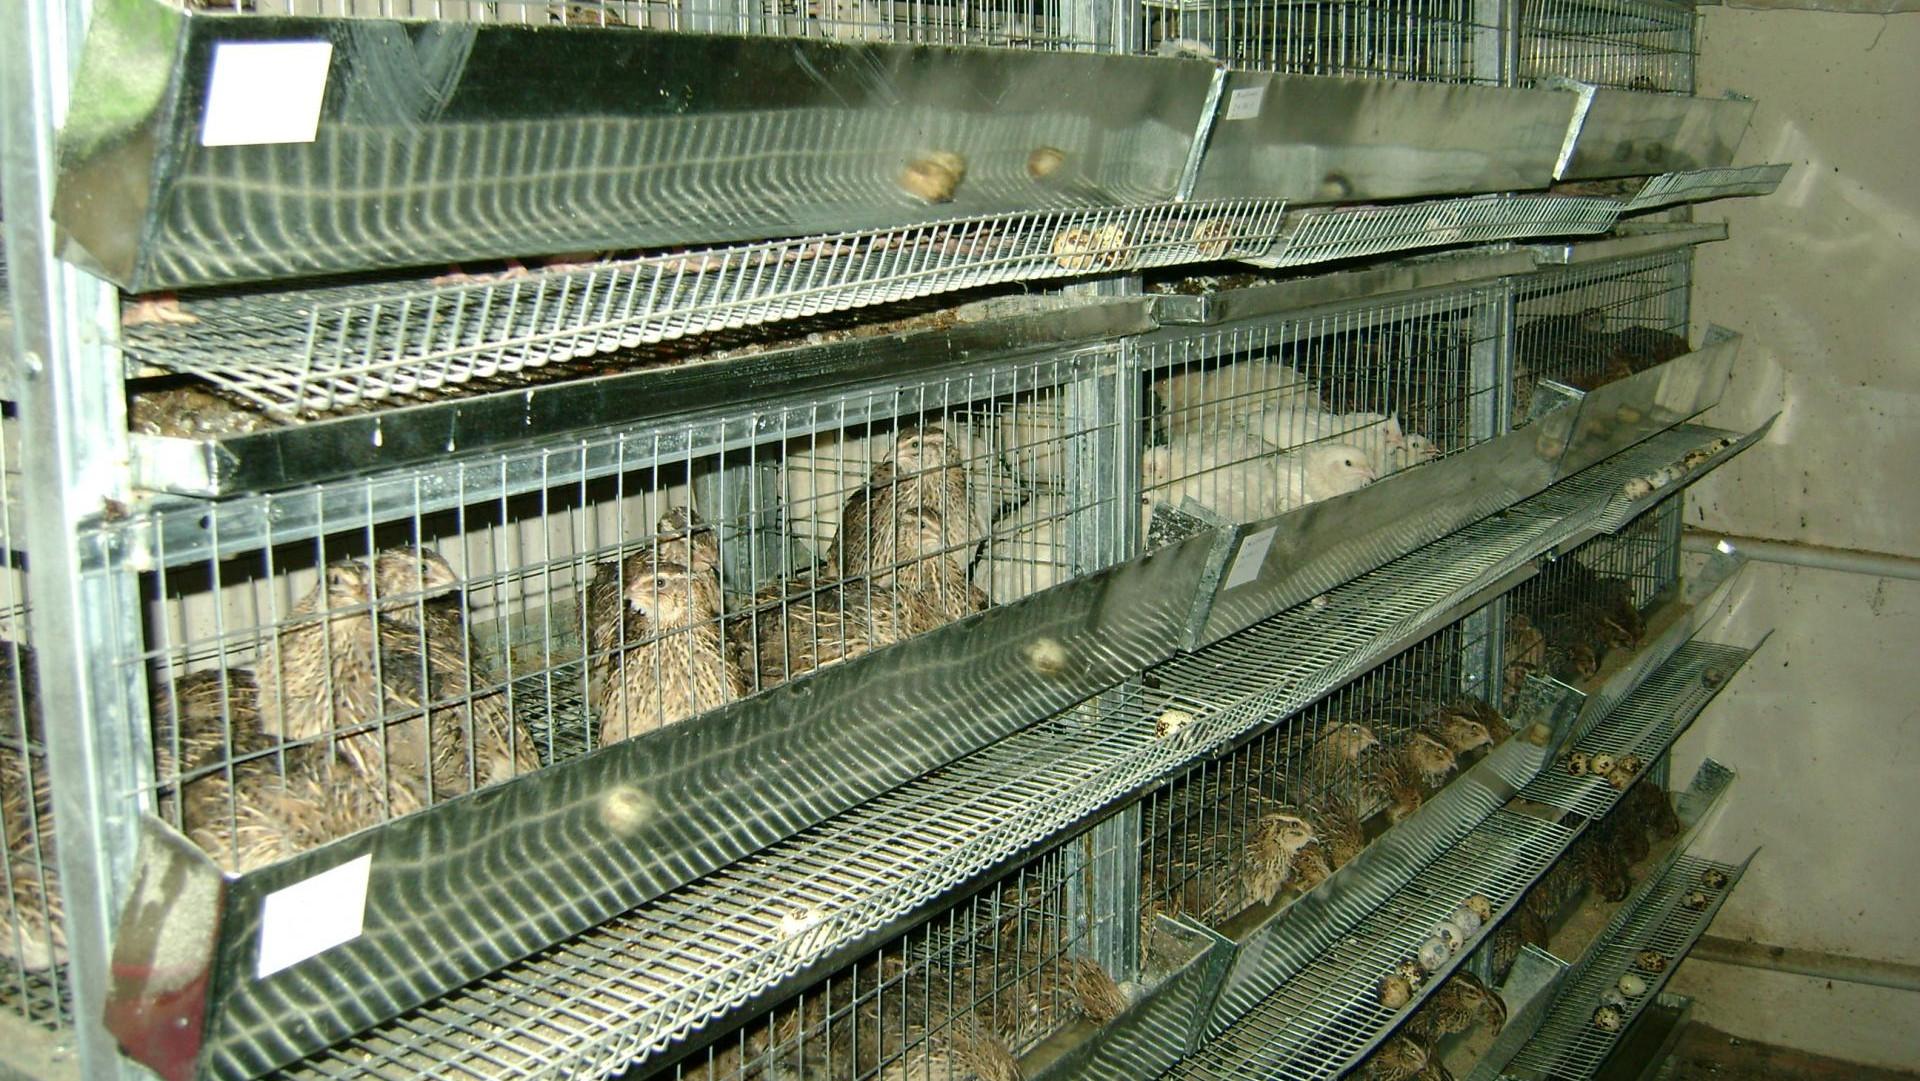 Более 30 млн штук перепелиных яиц произвели птицефабрики Подмосковья в 2020 году